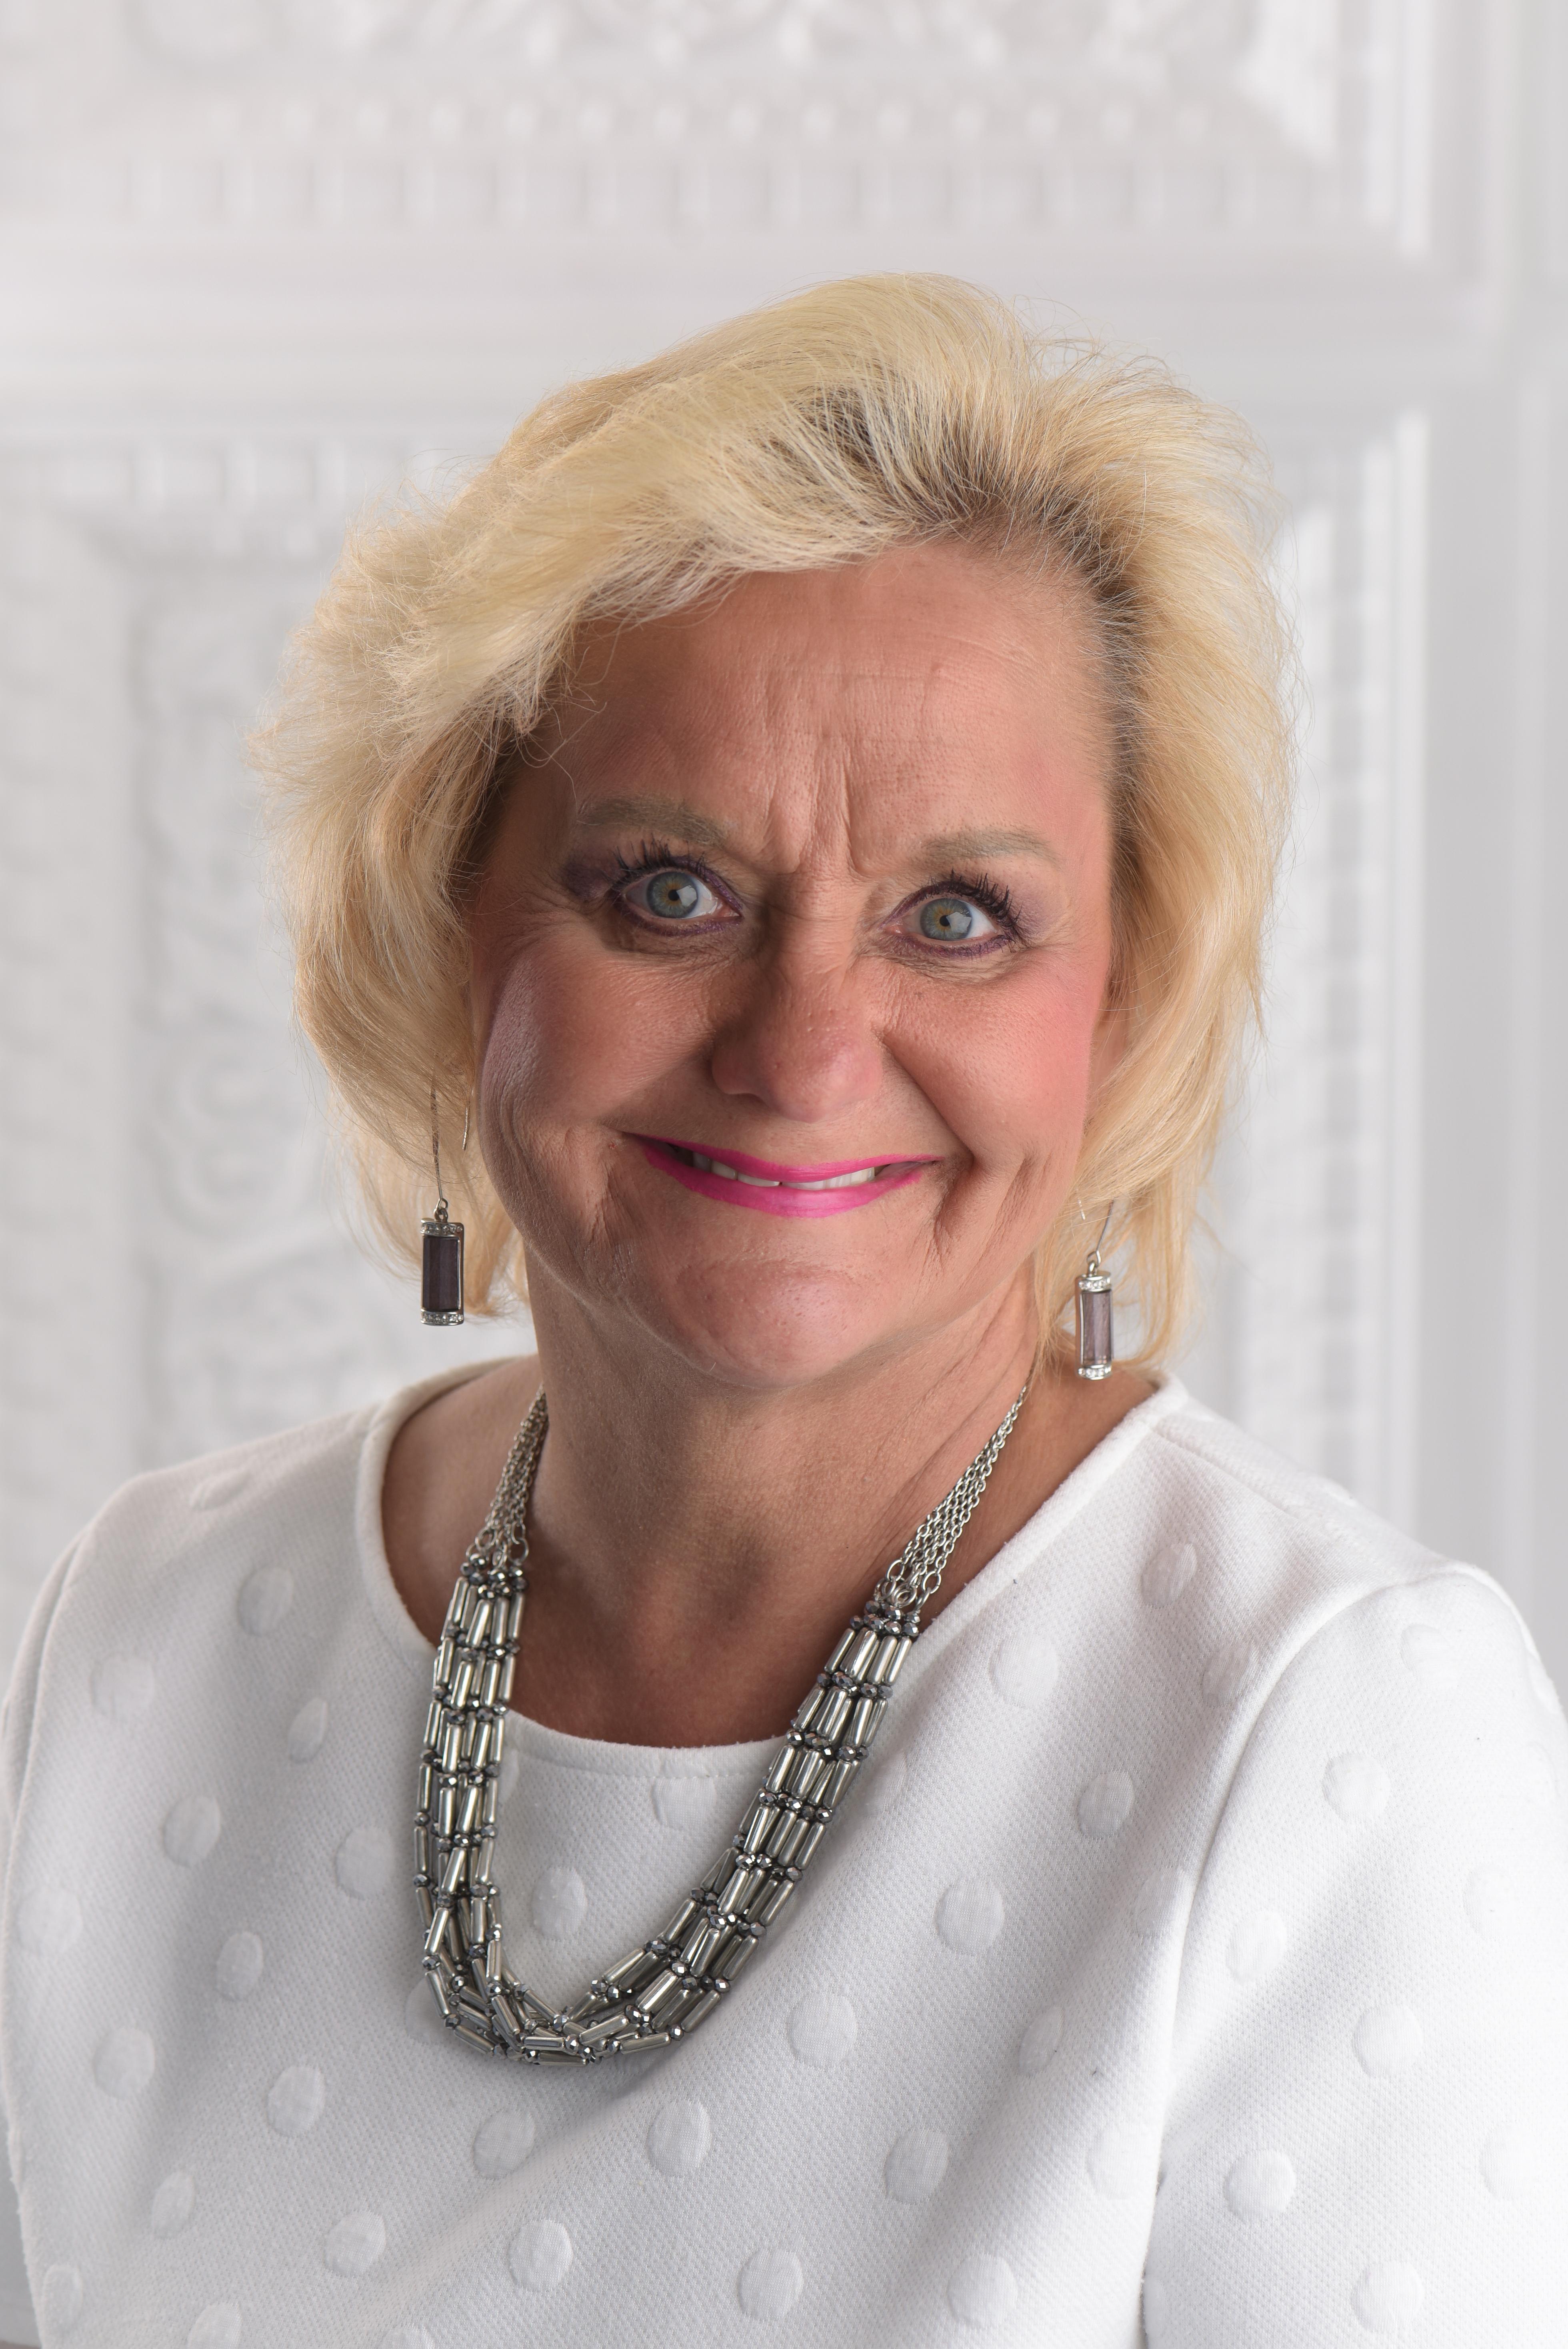 Susan M. Weis